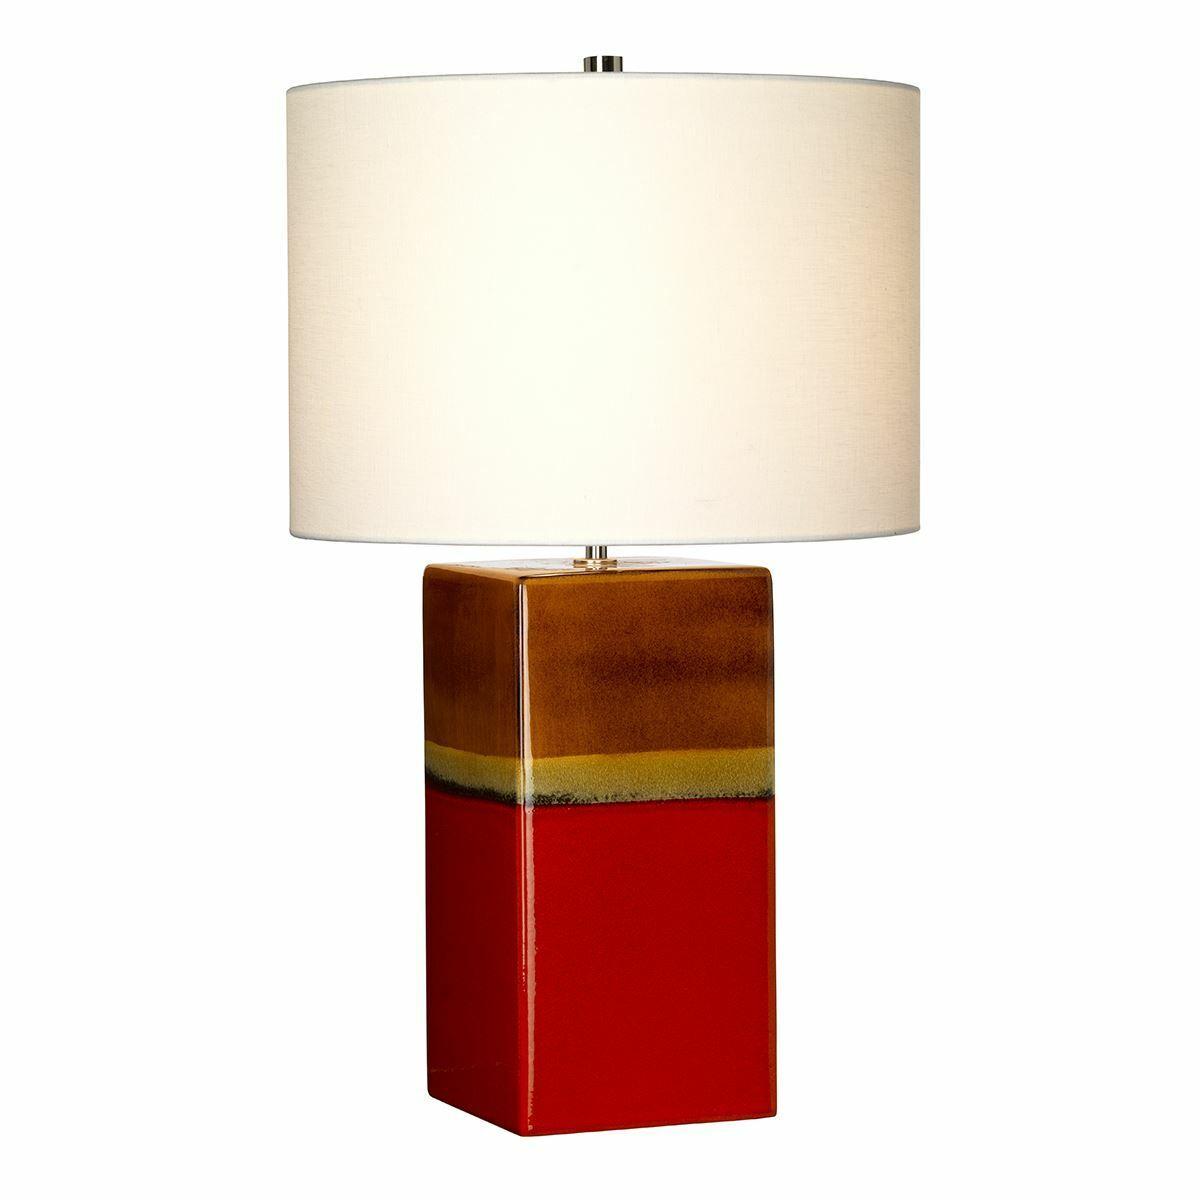 Elstead Lighting - Alba 1 Light Table Lamp - rot